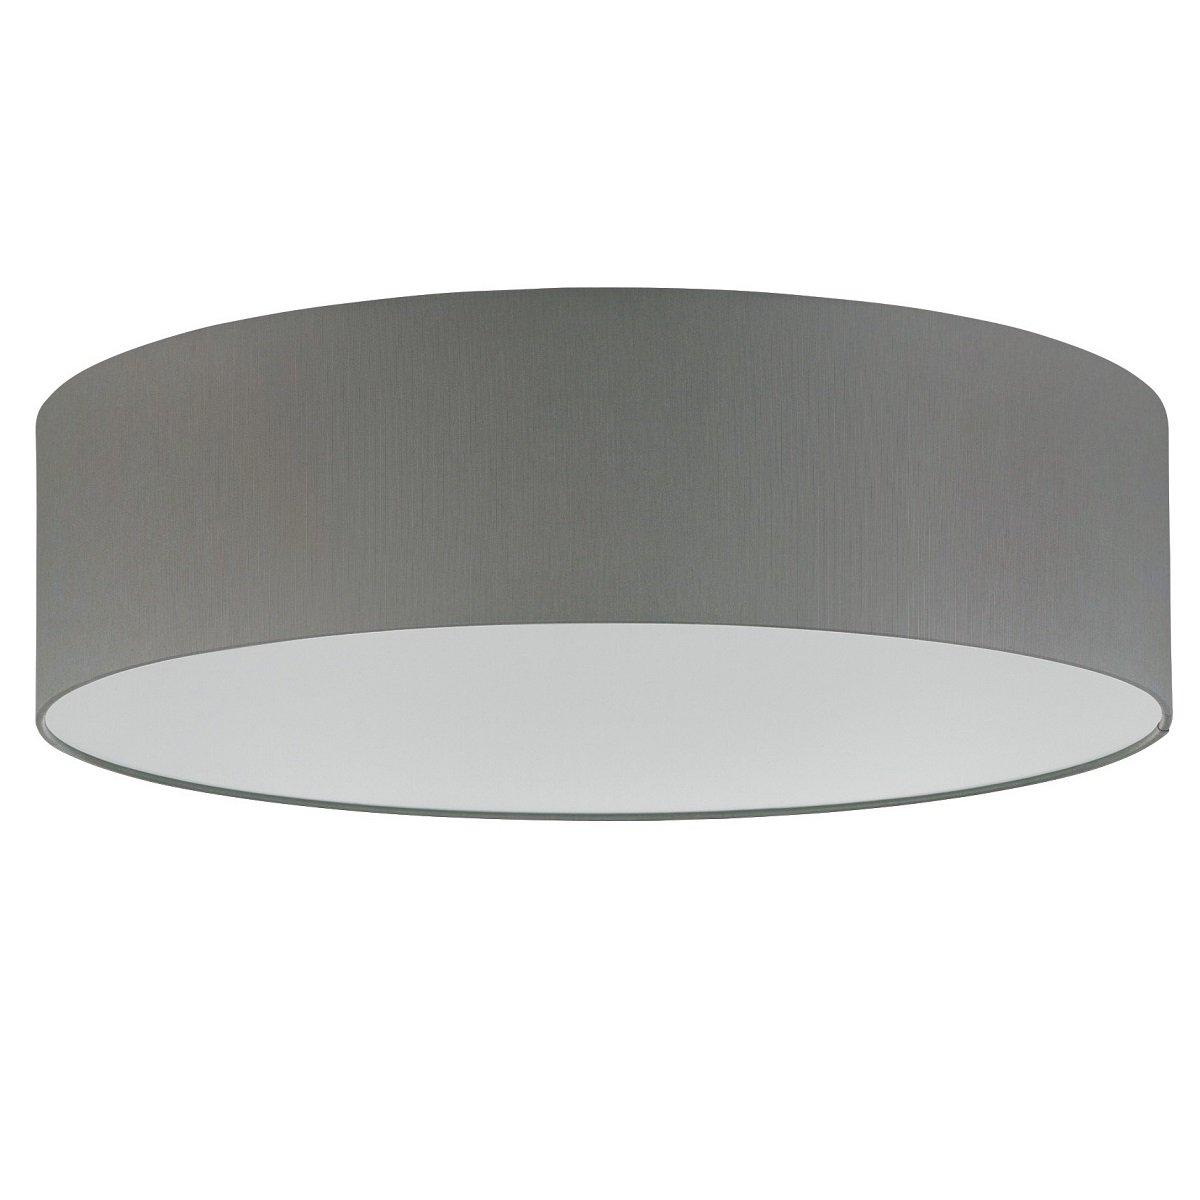 Fischer Leuchten Lampenschirm No 29820 Stoff Grau 50 Cm Eur 70 90